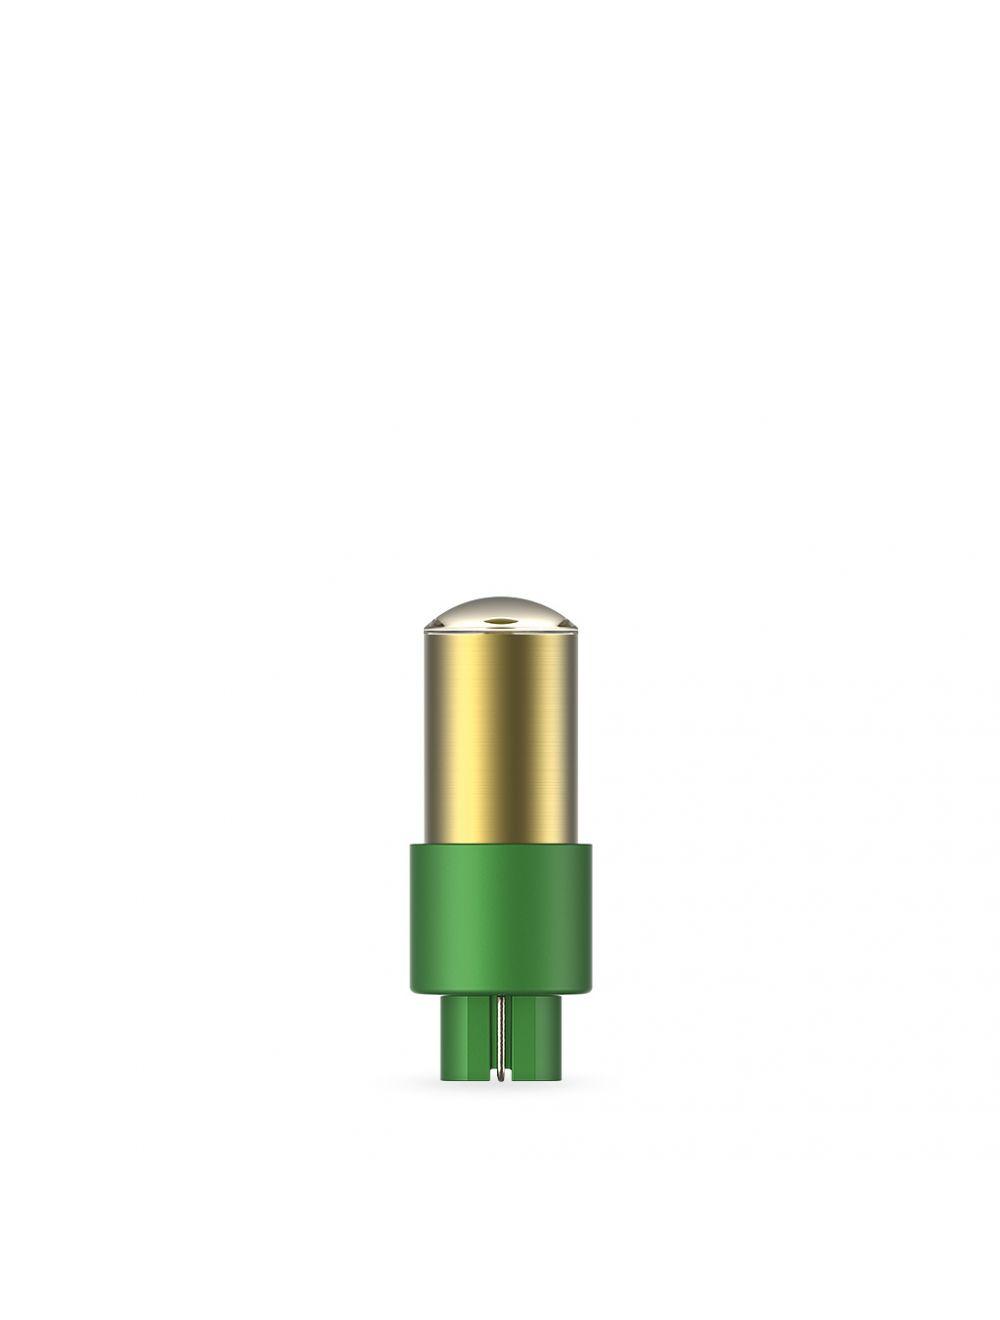 MK-dent LED Lampe BU8012SG